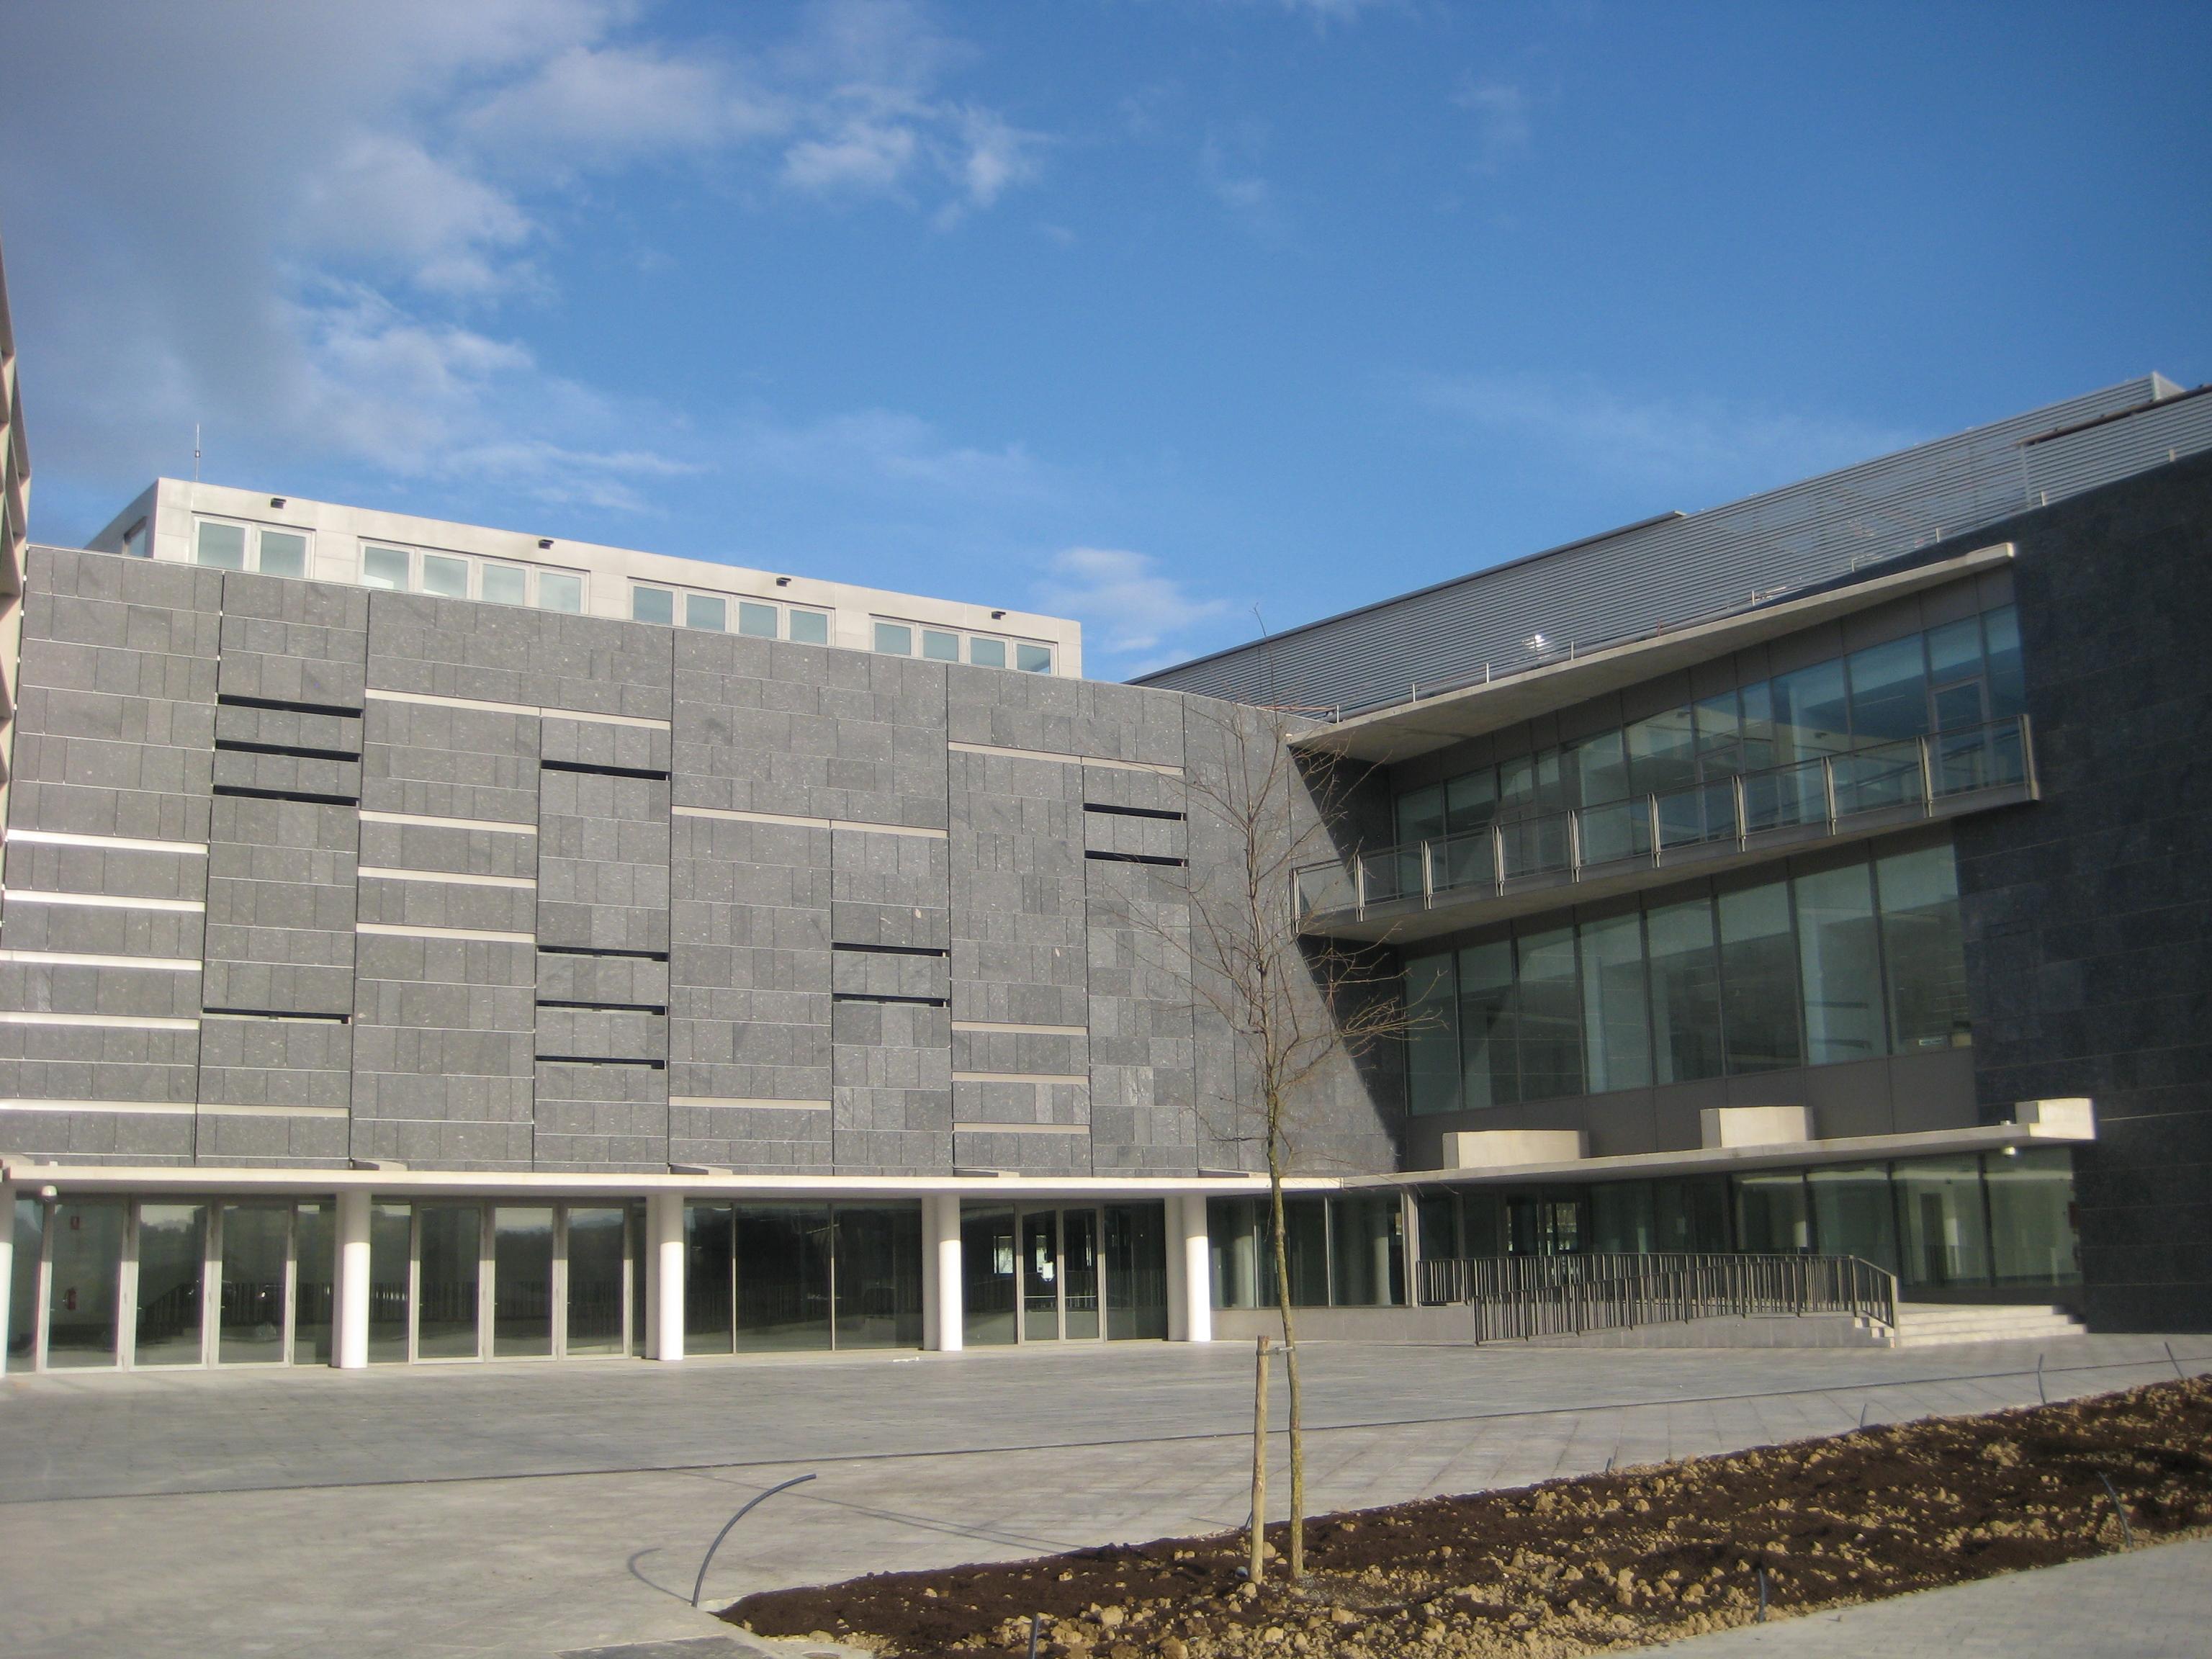 biblioteca-y-filmoteca-de-navarra-005